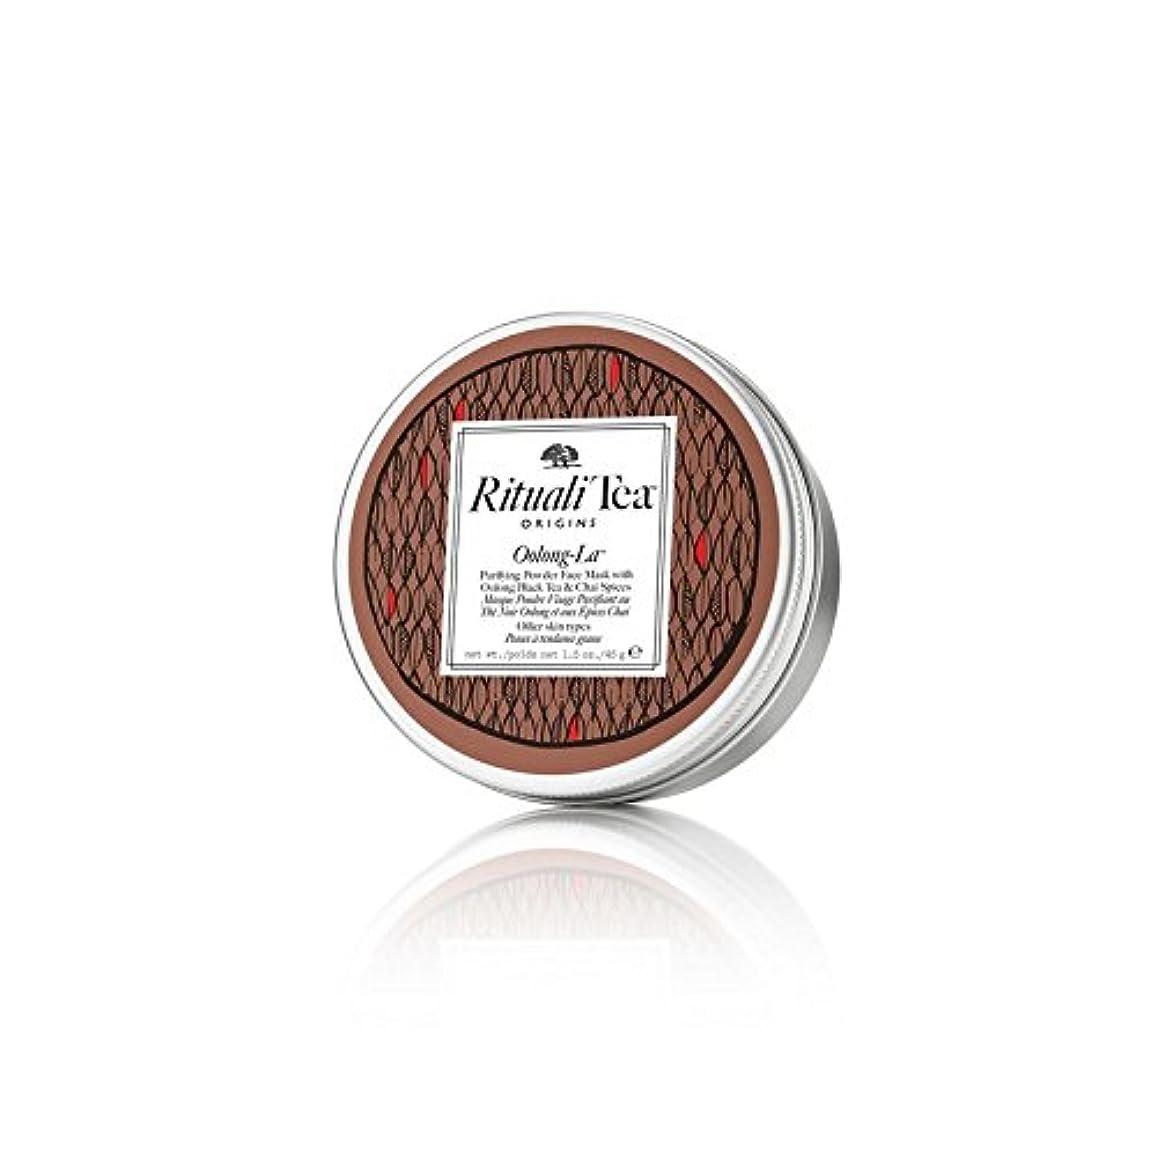 マインドフルクリエイティブ輝く起源抹茶フェイスマスク烏龍茶ラ45グラム x4 - Origins Powdered Tea Face Mask Oolong-La 45g (Pack of 4) [並行輸入品]